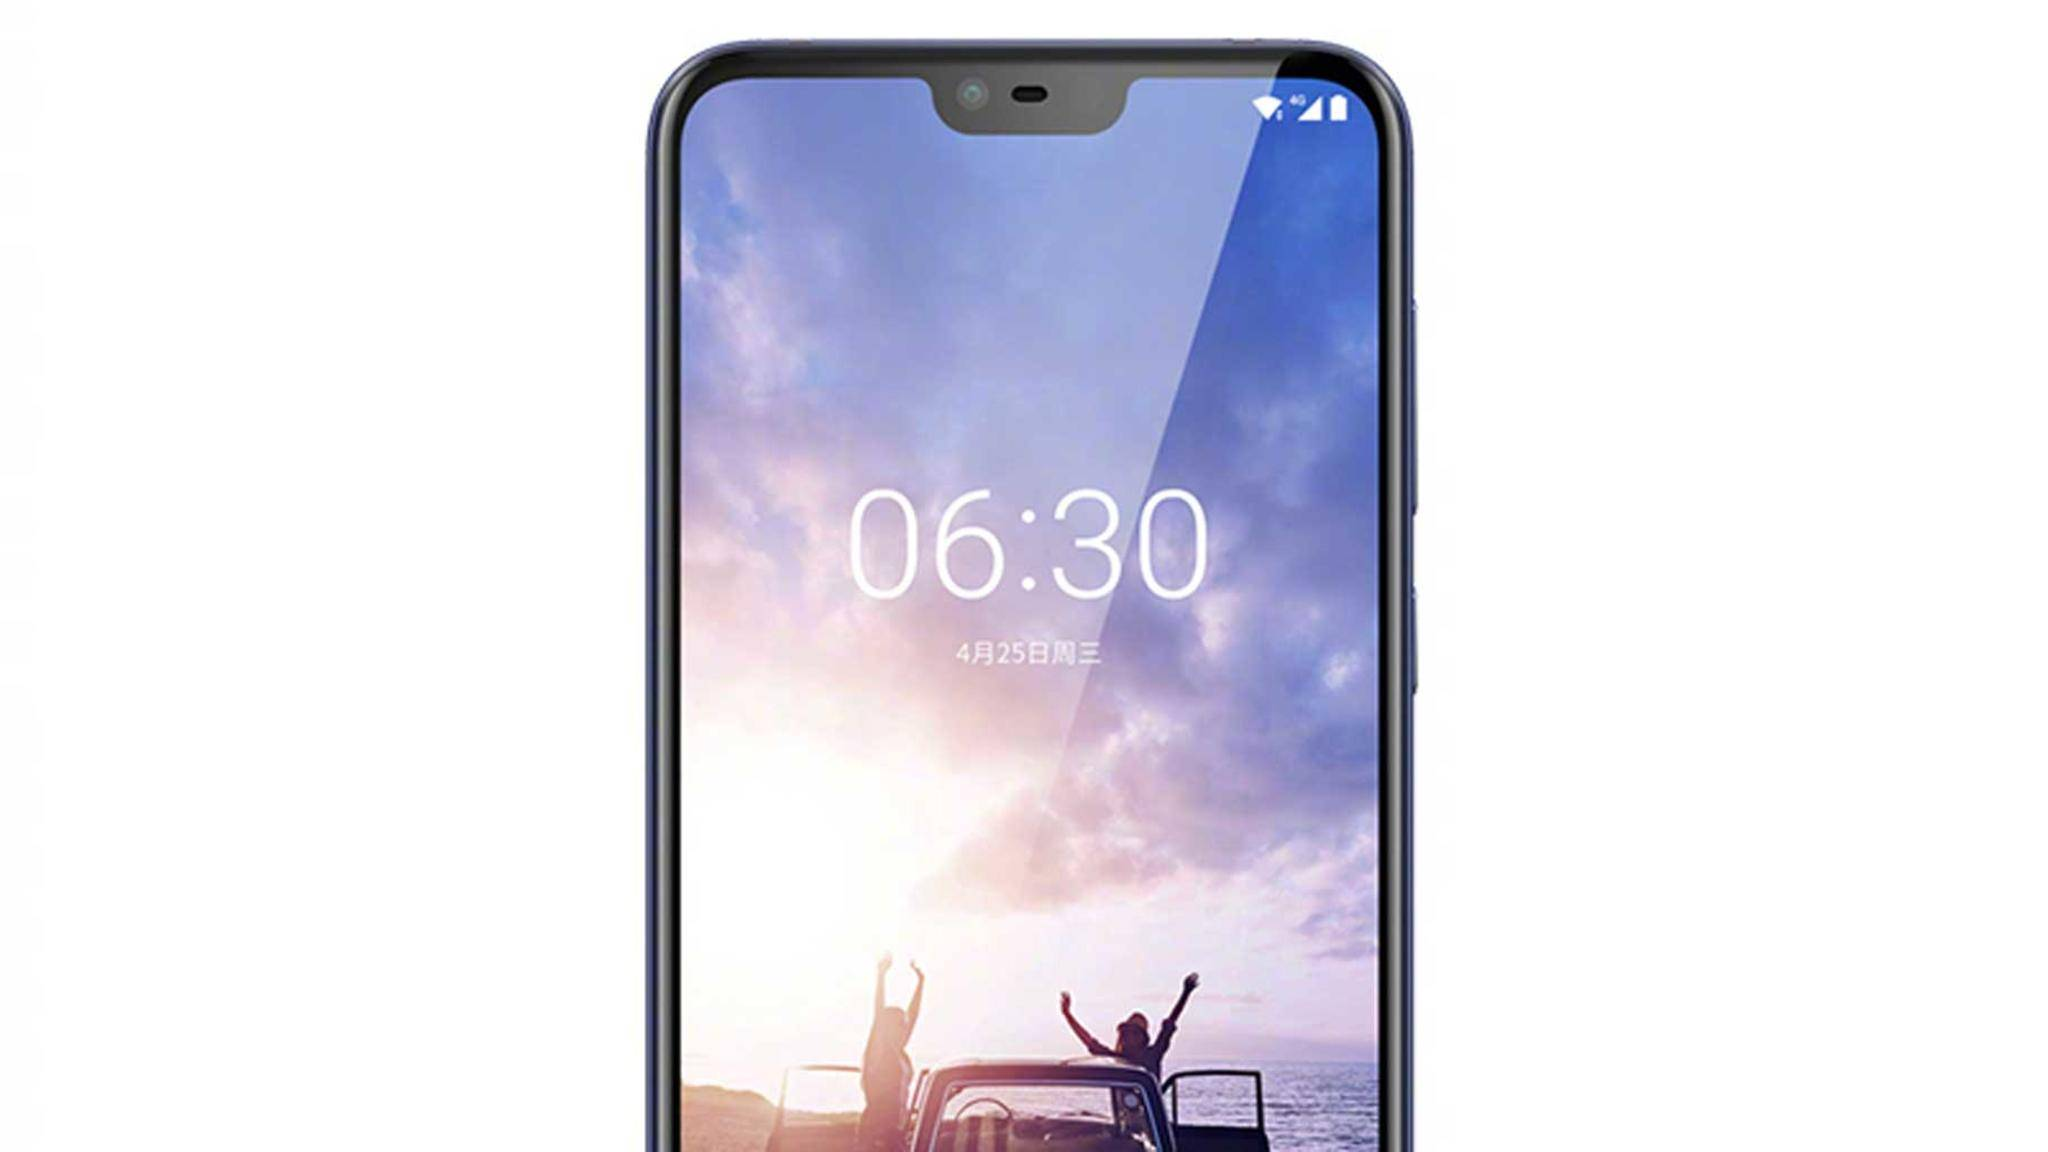 Kommt das Nokia X auch nach Deutschland?